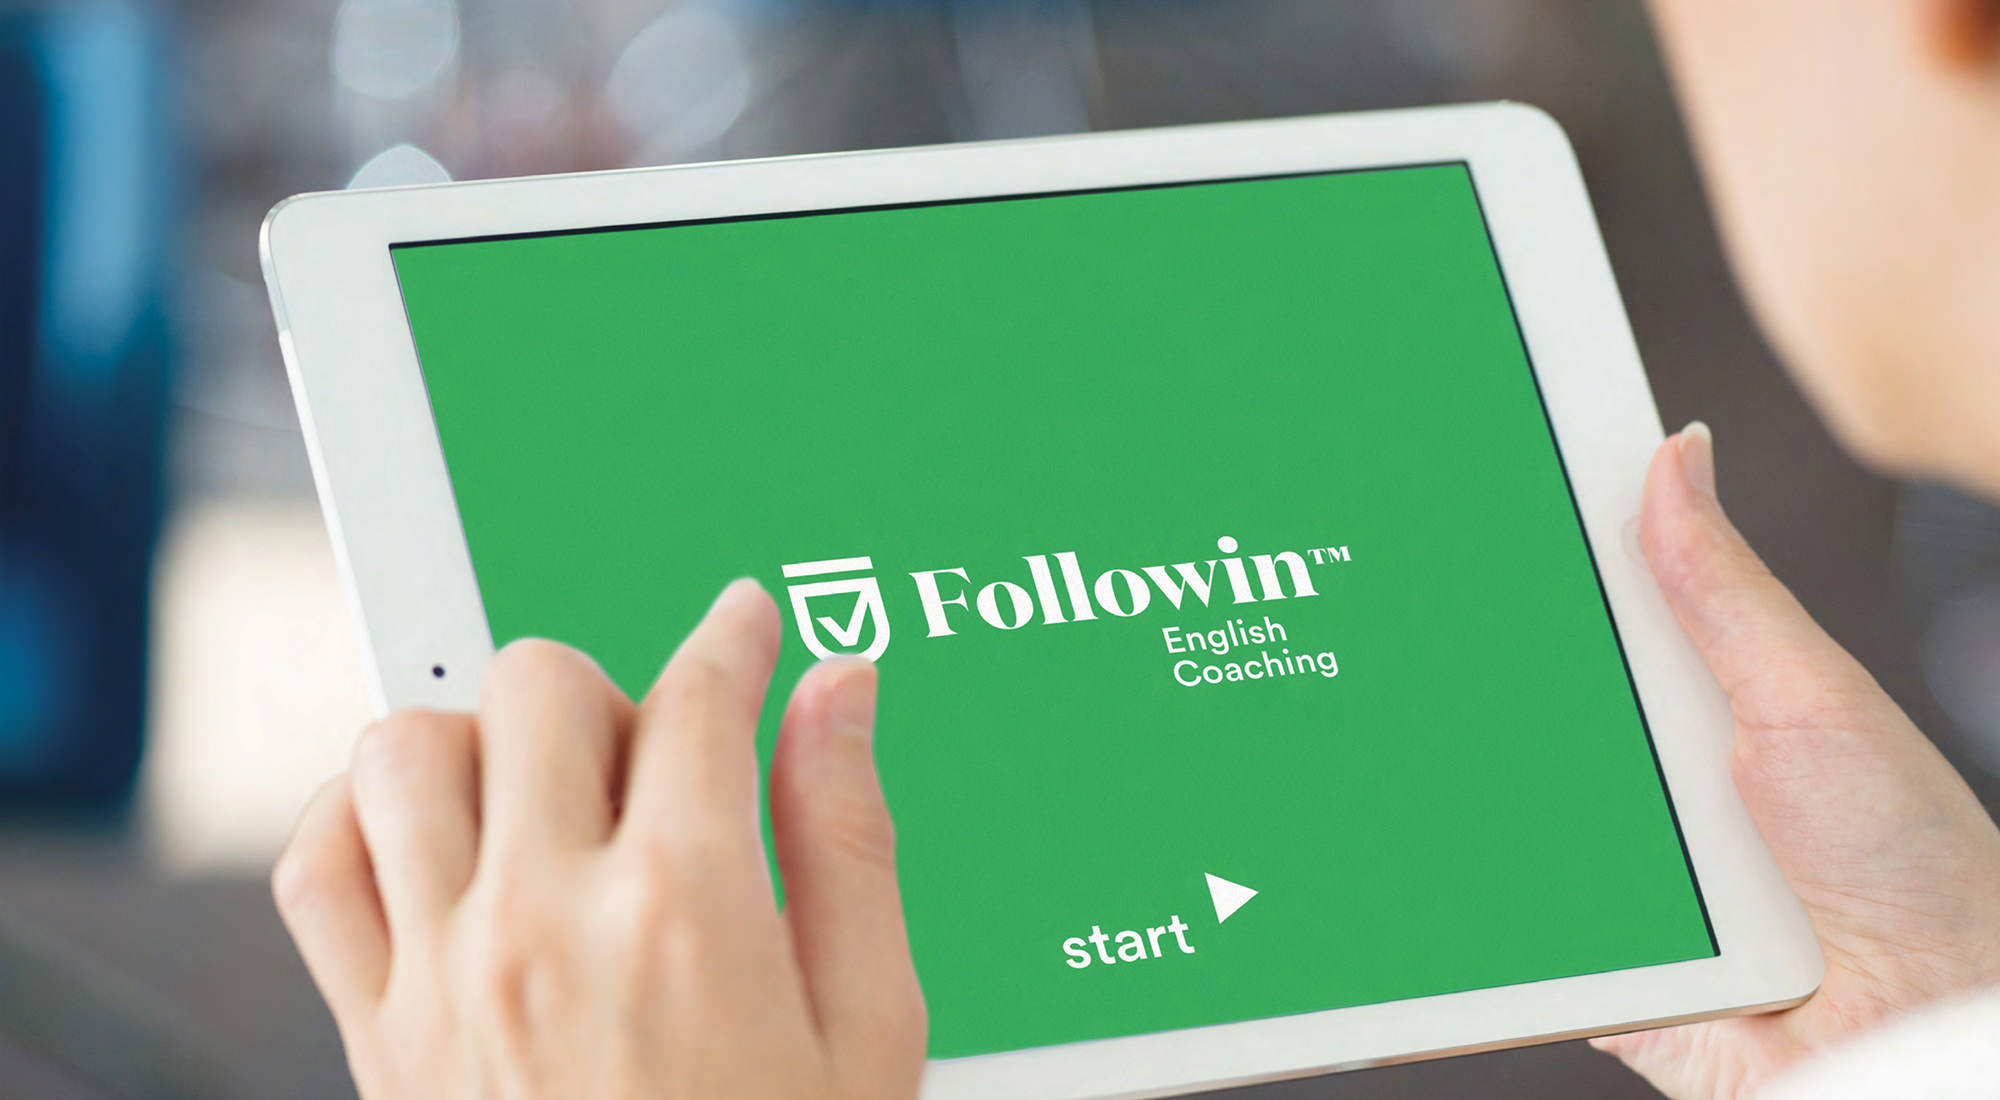 Followin